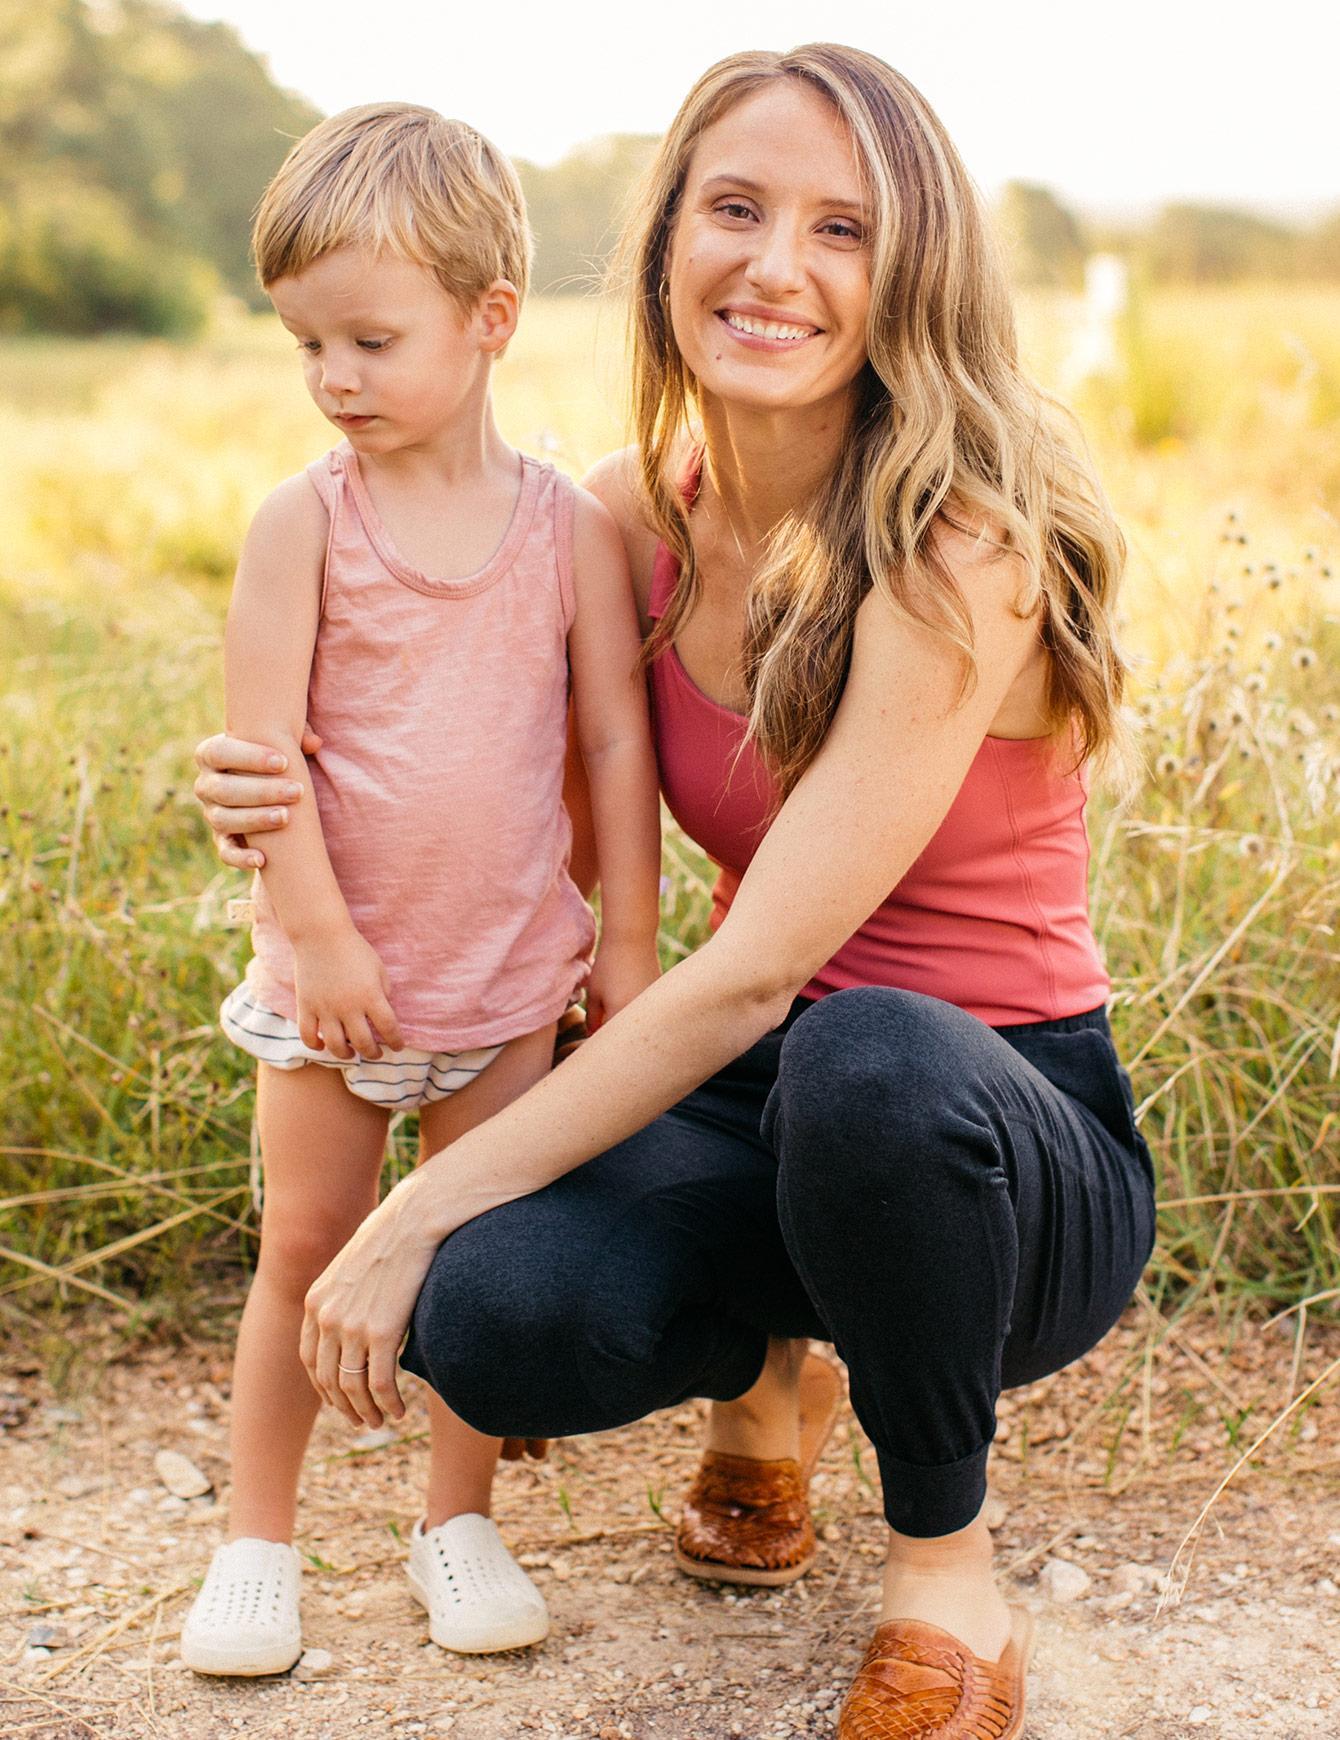 bakit allie lindenmuth ay nakatuon sa maternity activewear - thirdlove blog